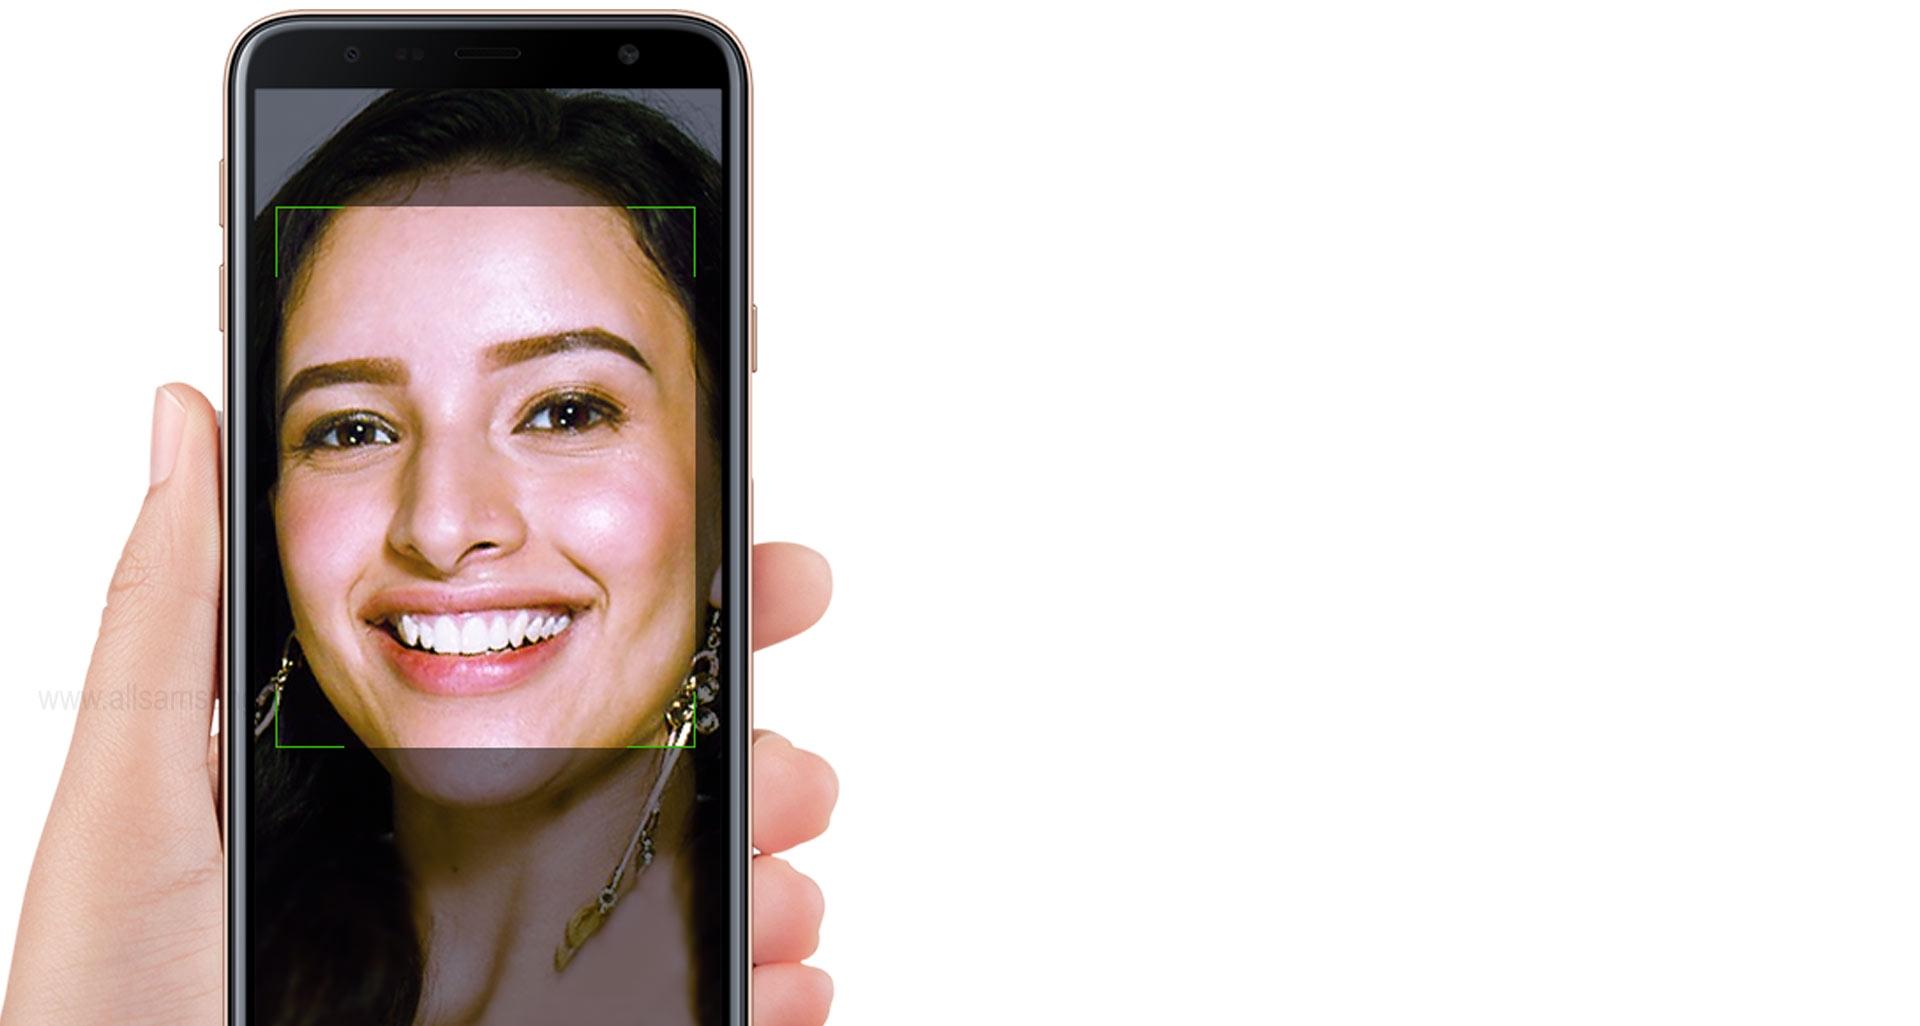 گلکسی جی 4 پلاس با فناوری خارق العاده تشخیص چهره